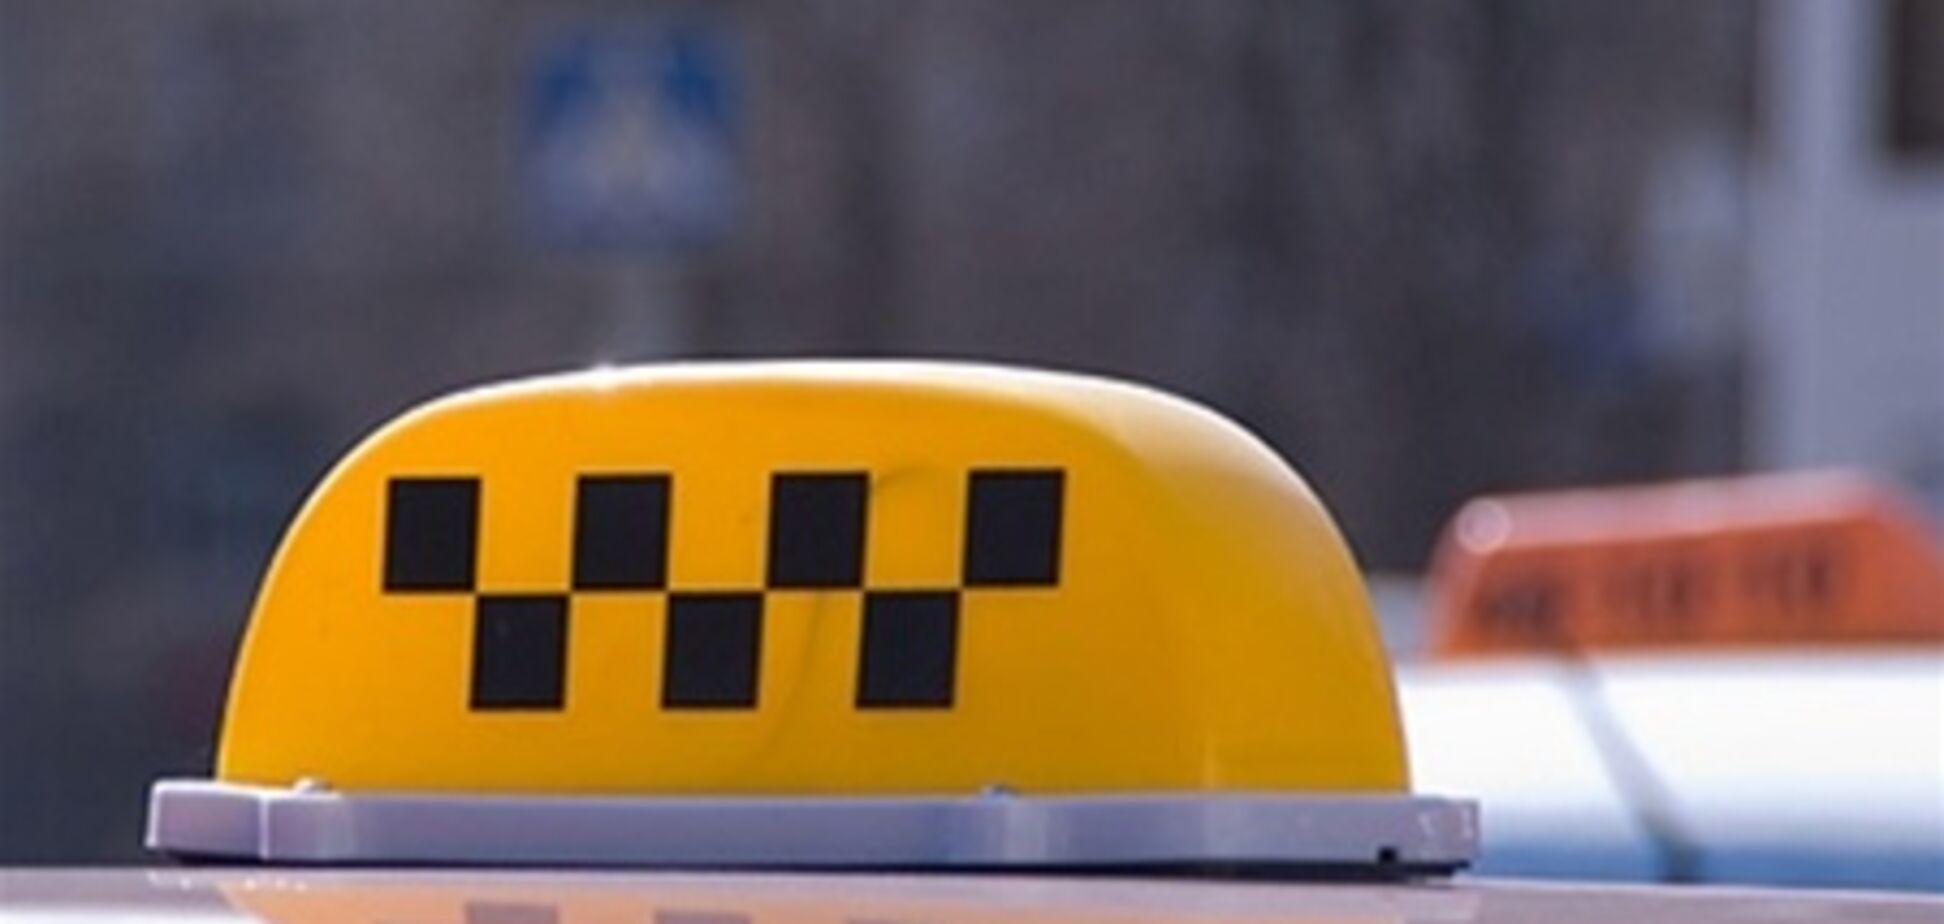 Преступники обворовали киевского таксиста, угрожая саблей